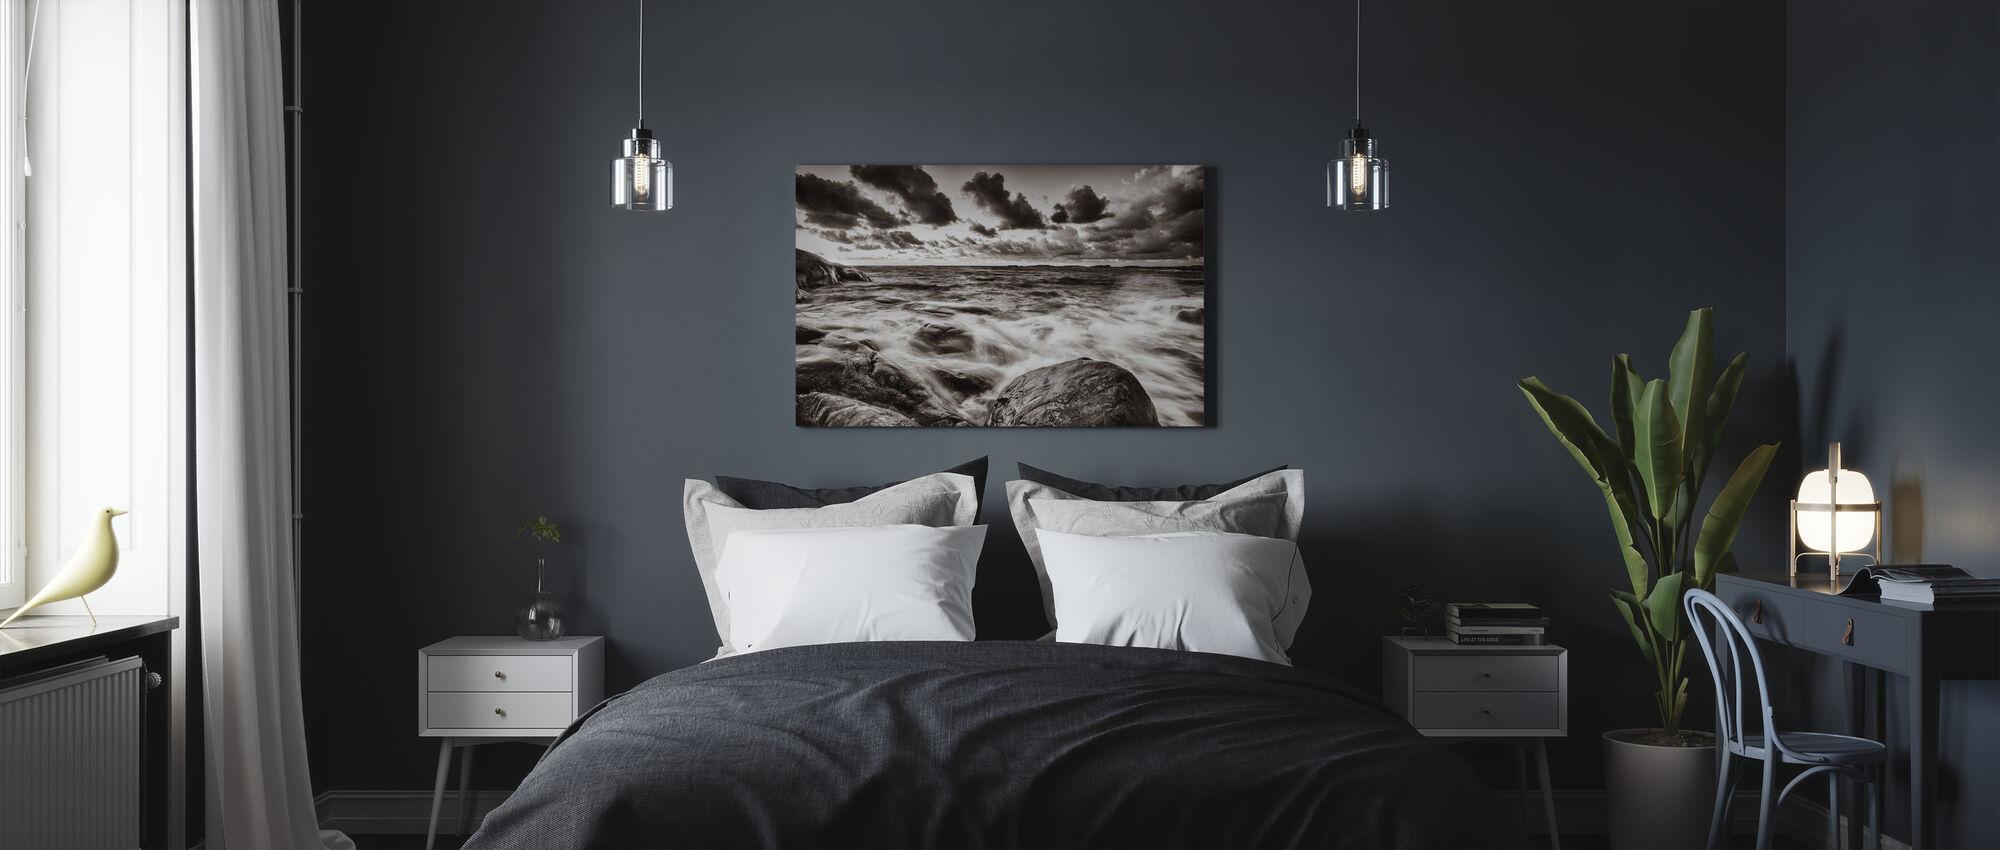 Myrskyinen meri kallioilla - Canvastaulu - Makuuhuone